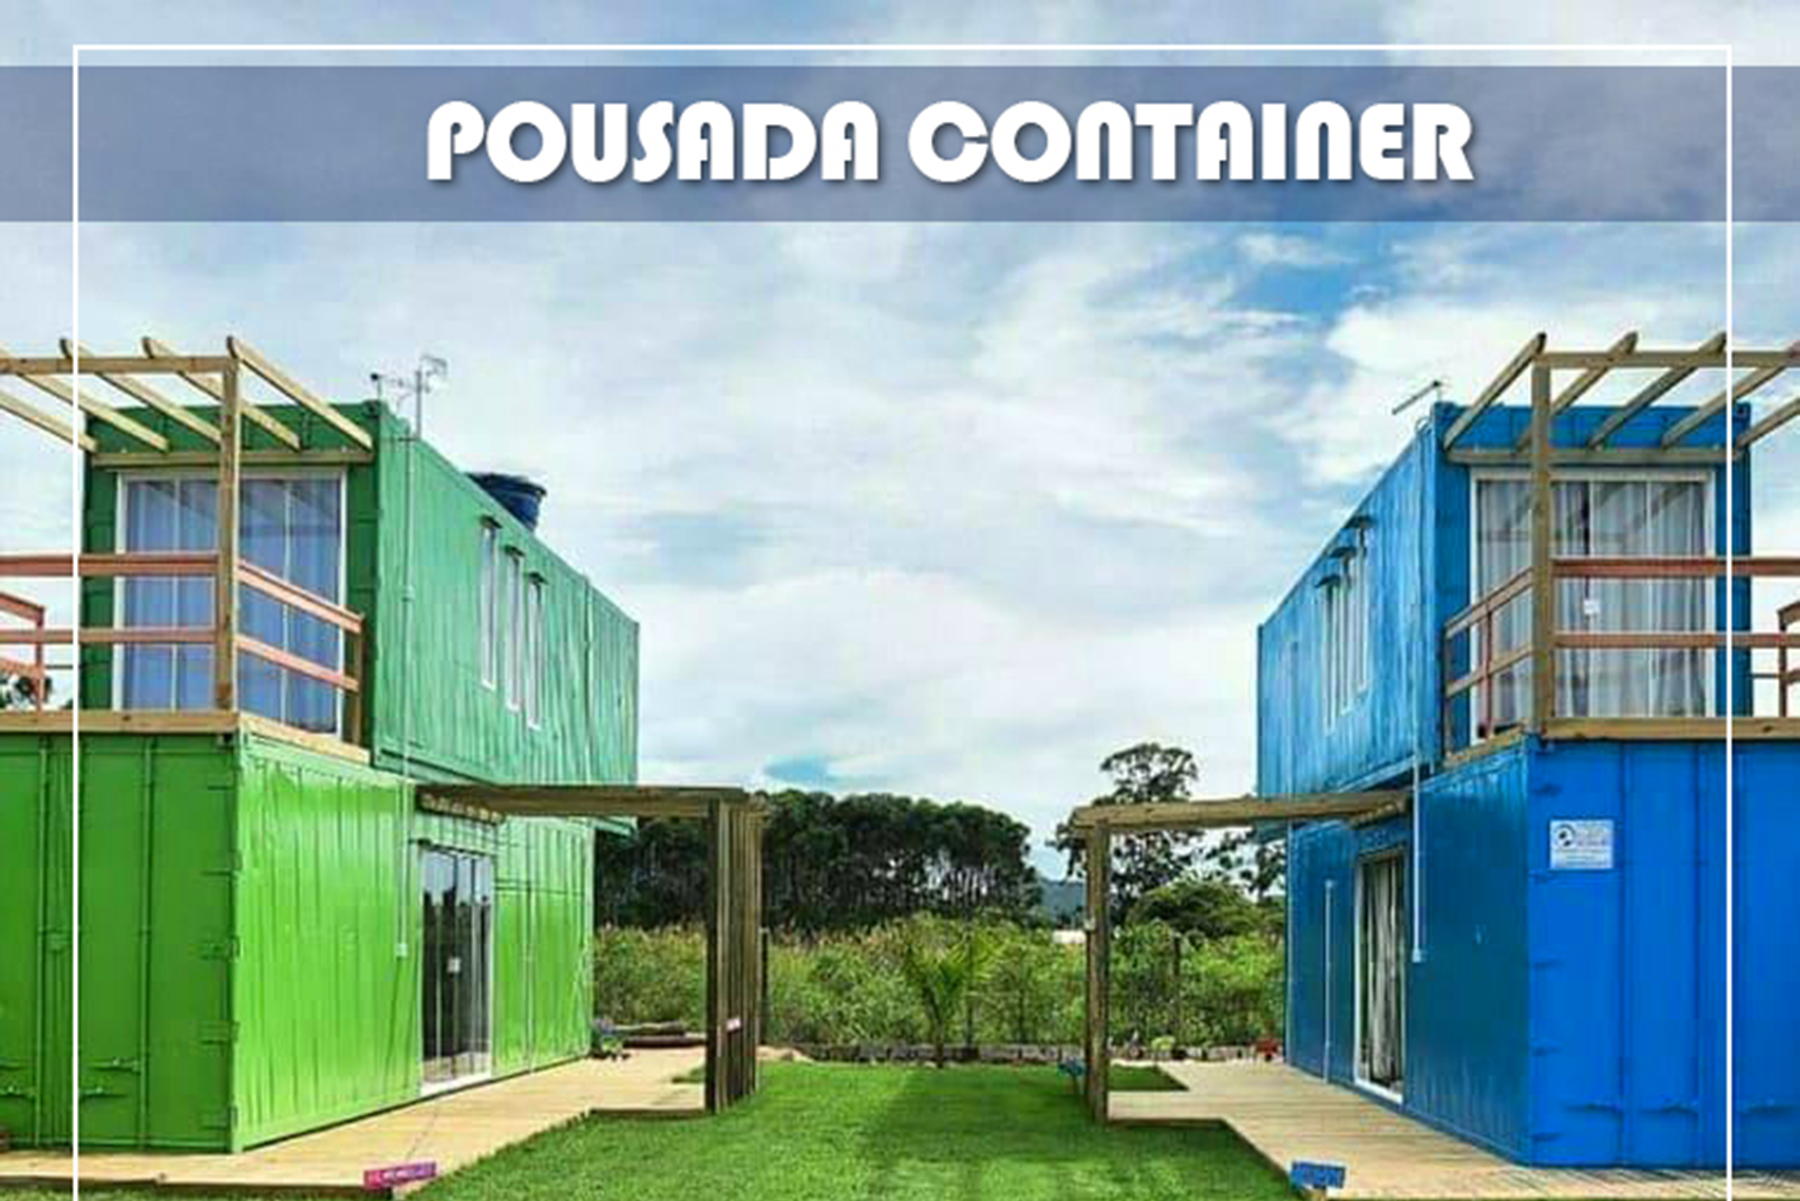 Pousada Container